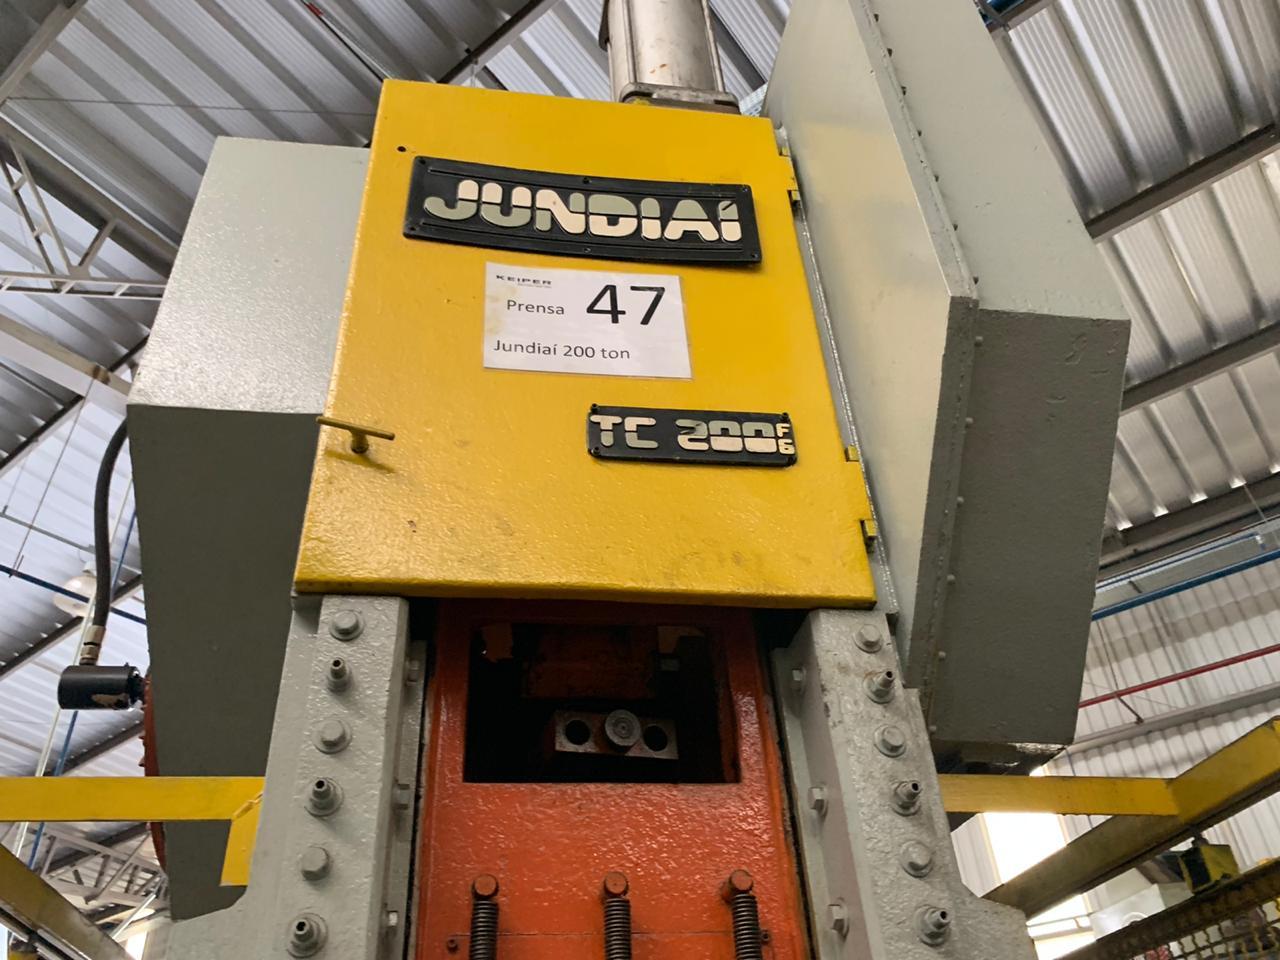 Prensa Excêntrica marca Jundiaí cap 200 ton #28-1247  - AEG Comercial